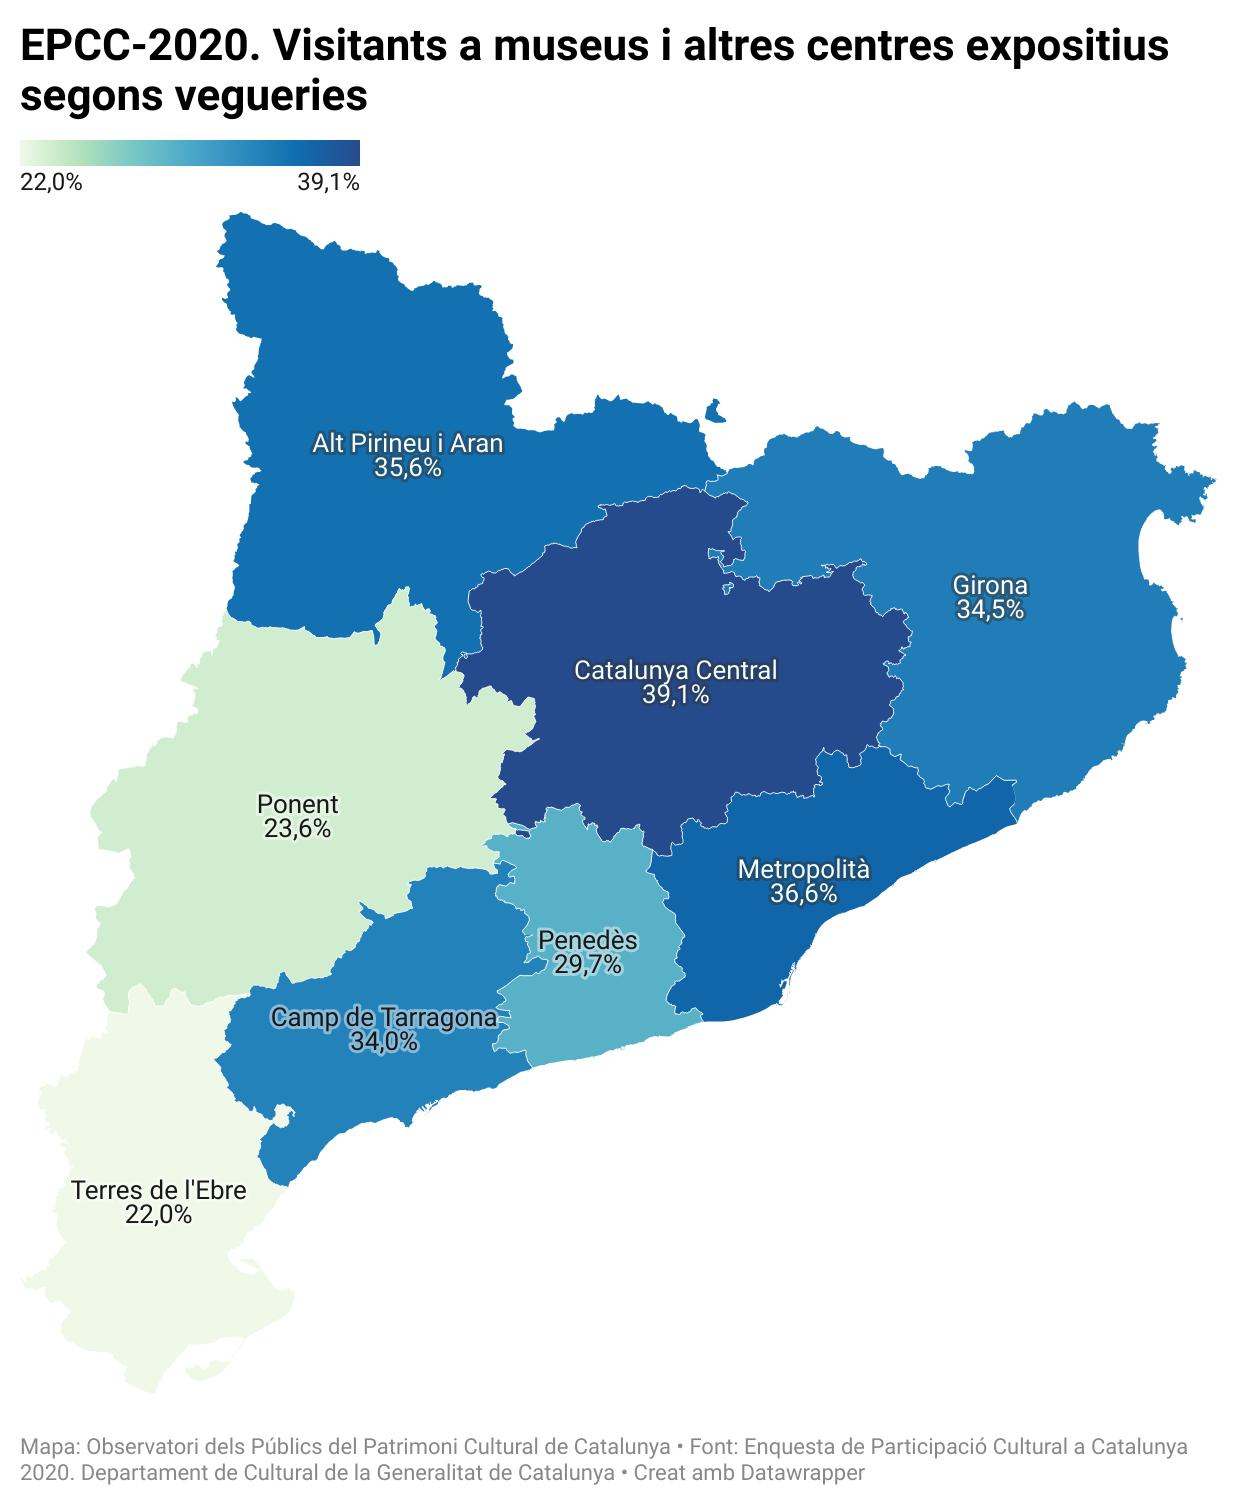 encuesta-de-participacion-cultural-en-cataluna-2020-museos-y-otros-centros-expositivos-y-afectacion-de-la-covid-19